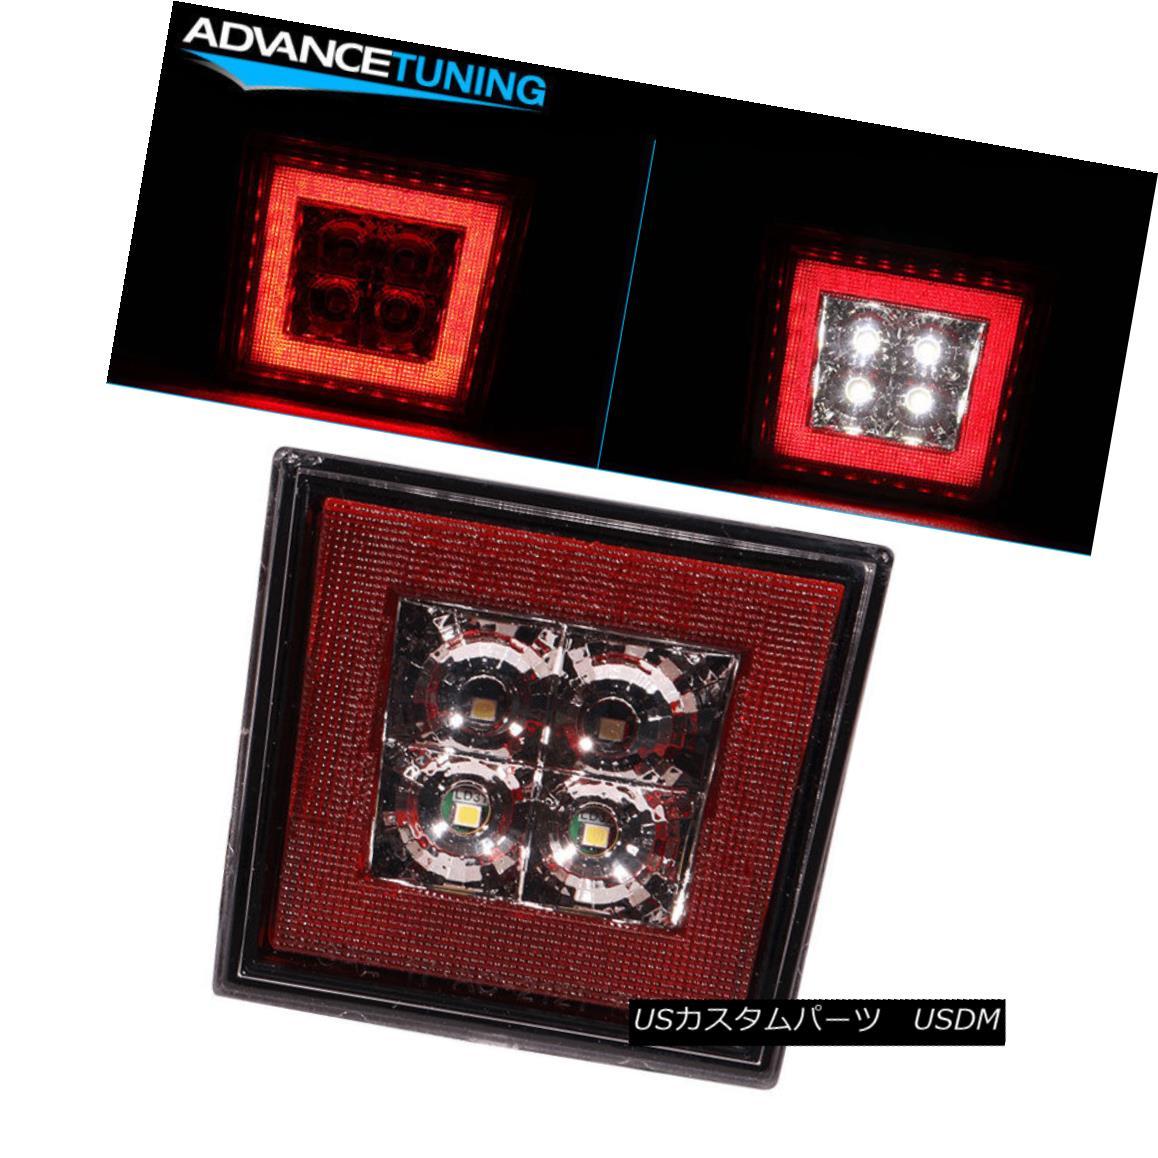 エアロパーツ Fits Universal Fitment Square Red LED Rear Tail Third 3RD Brake Lights Stop Lamp ユニバーサルフィッティングスクエアレッドLEDリアテール3番目の3RDブレーキライトストップランプに適合